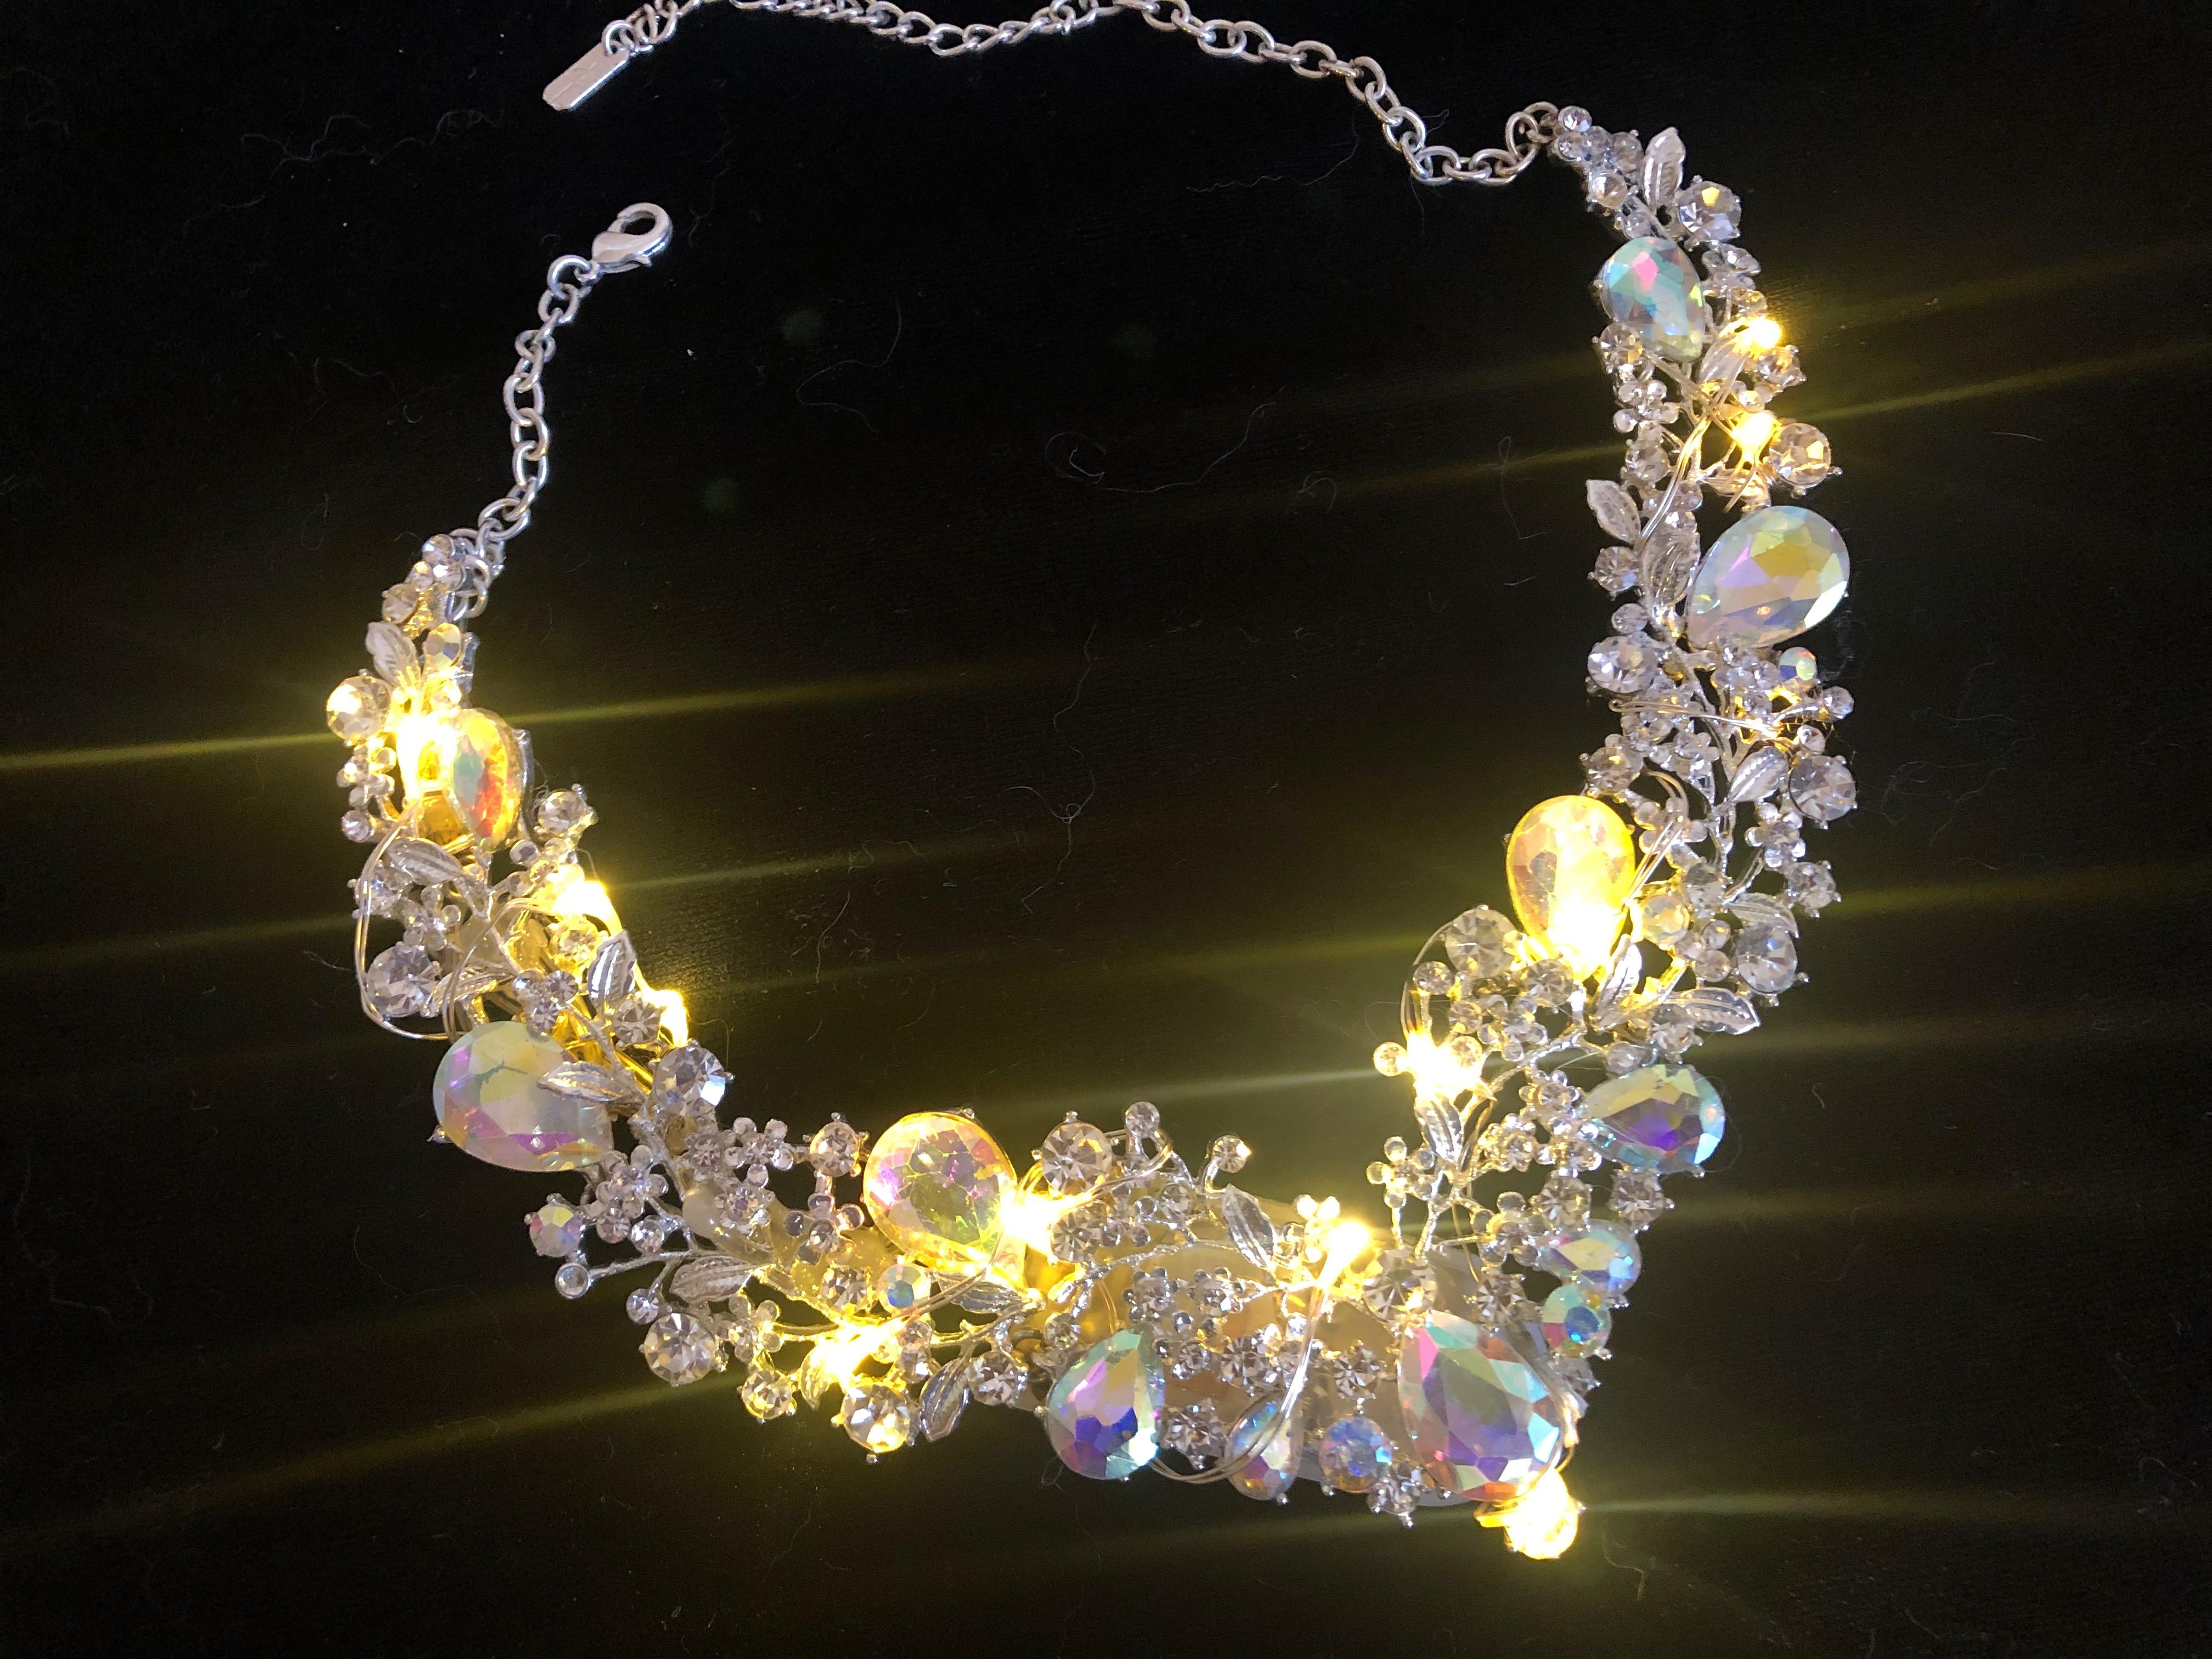 leds_led_jeweled_necklace.jpg